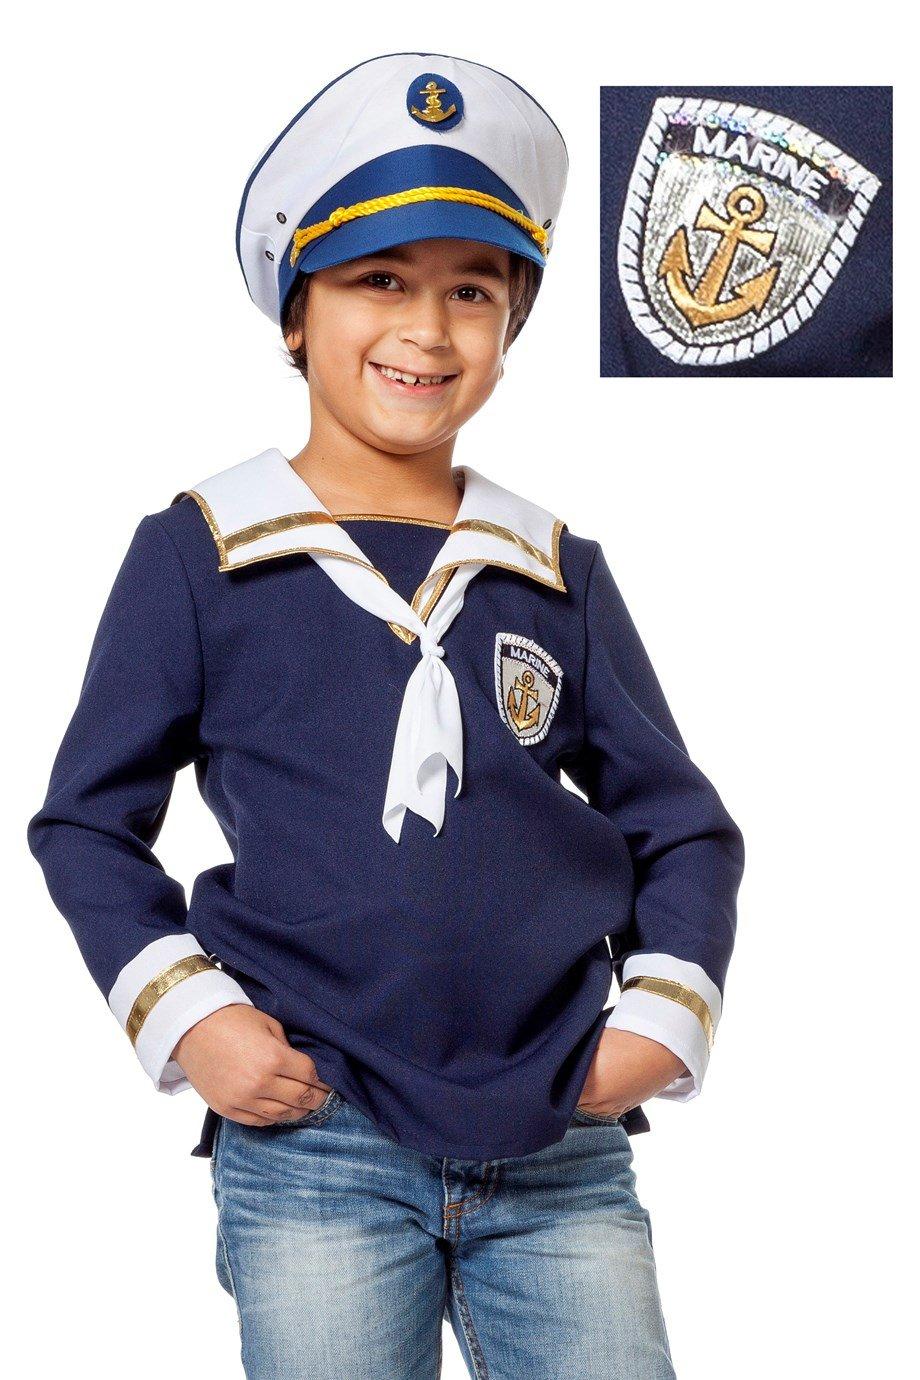 Wilber 3299 marinero disfraz marinero traje de marineros ...